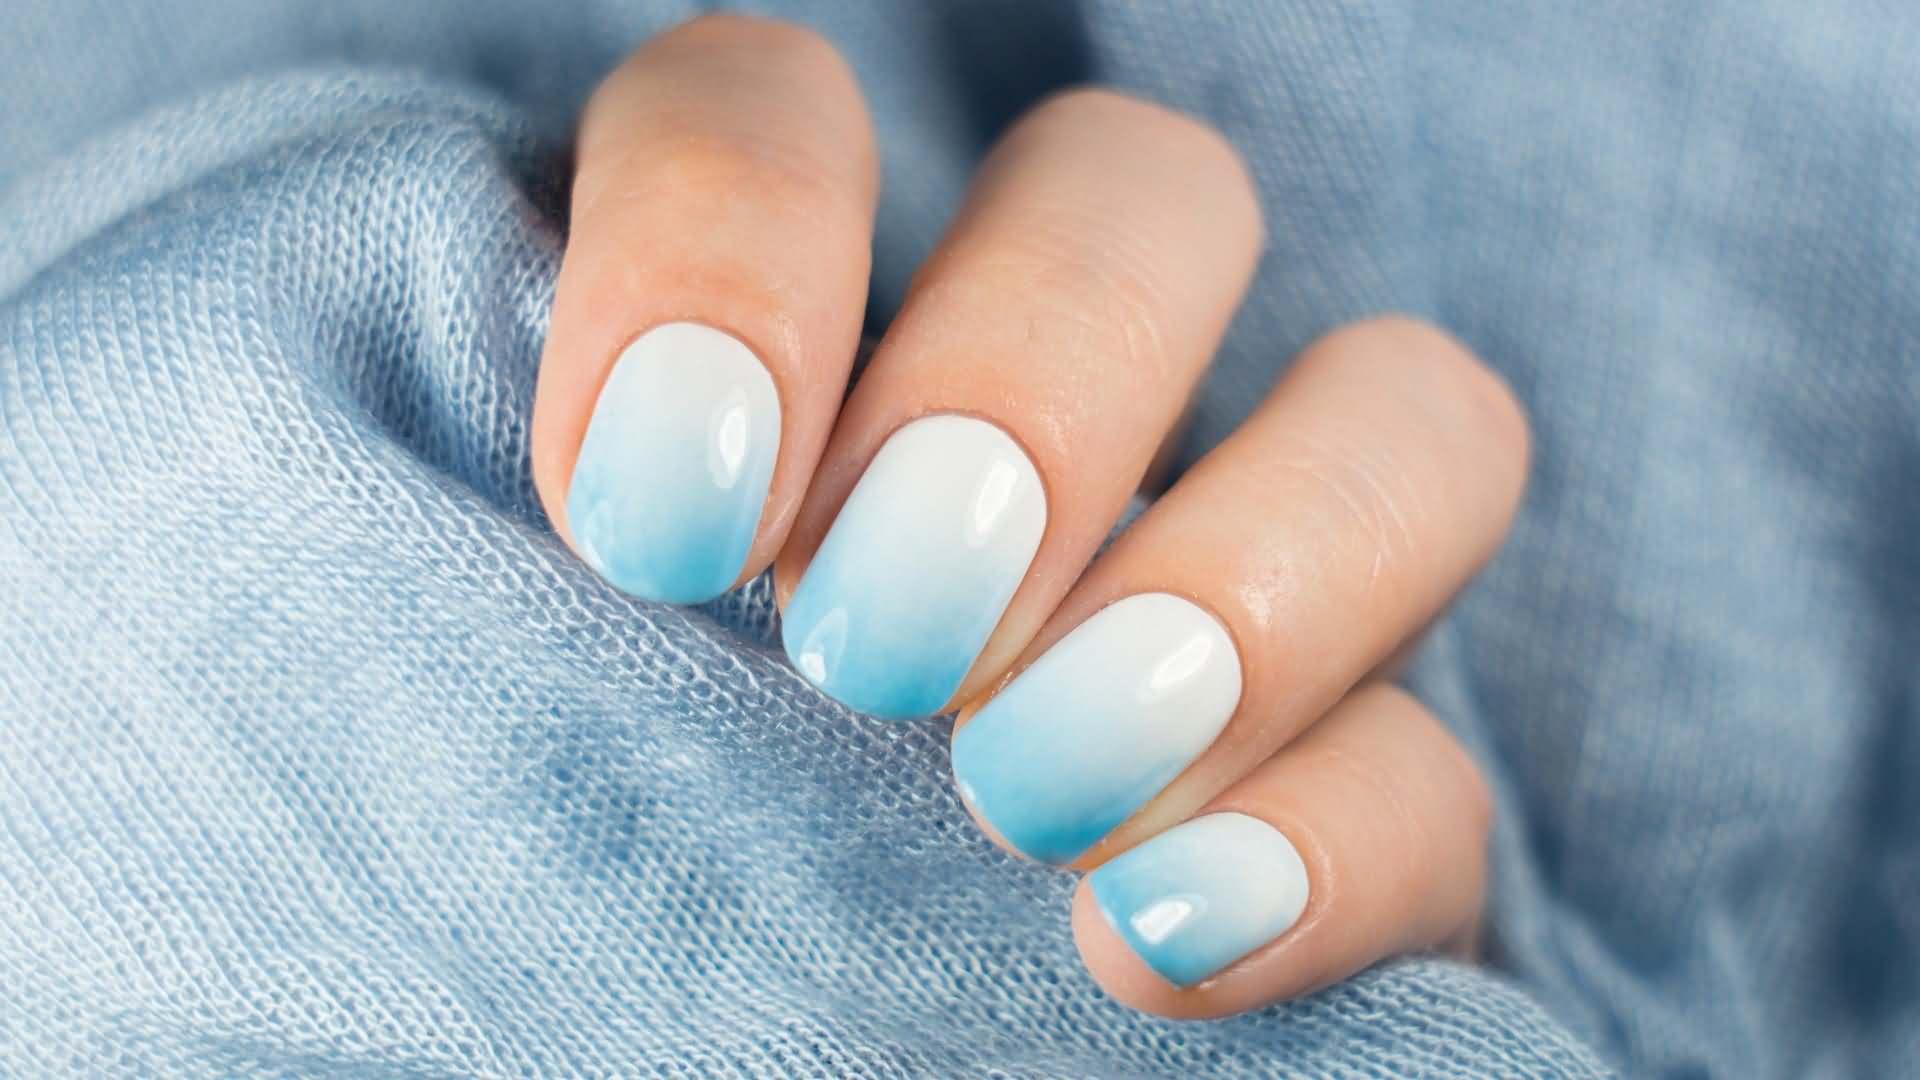 Как сделать ногти ухоженными и красивыми за 5 минут?